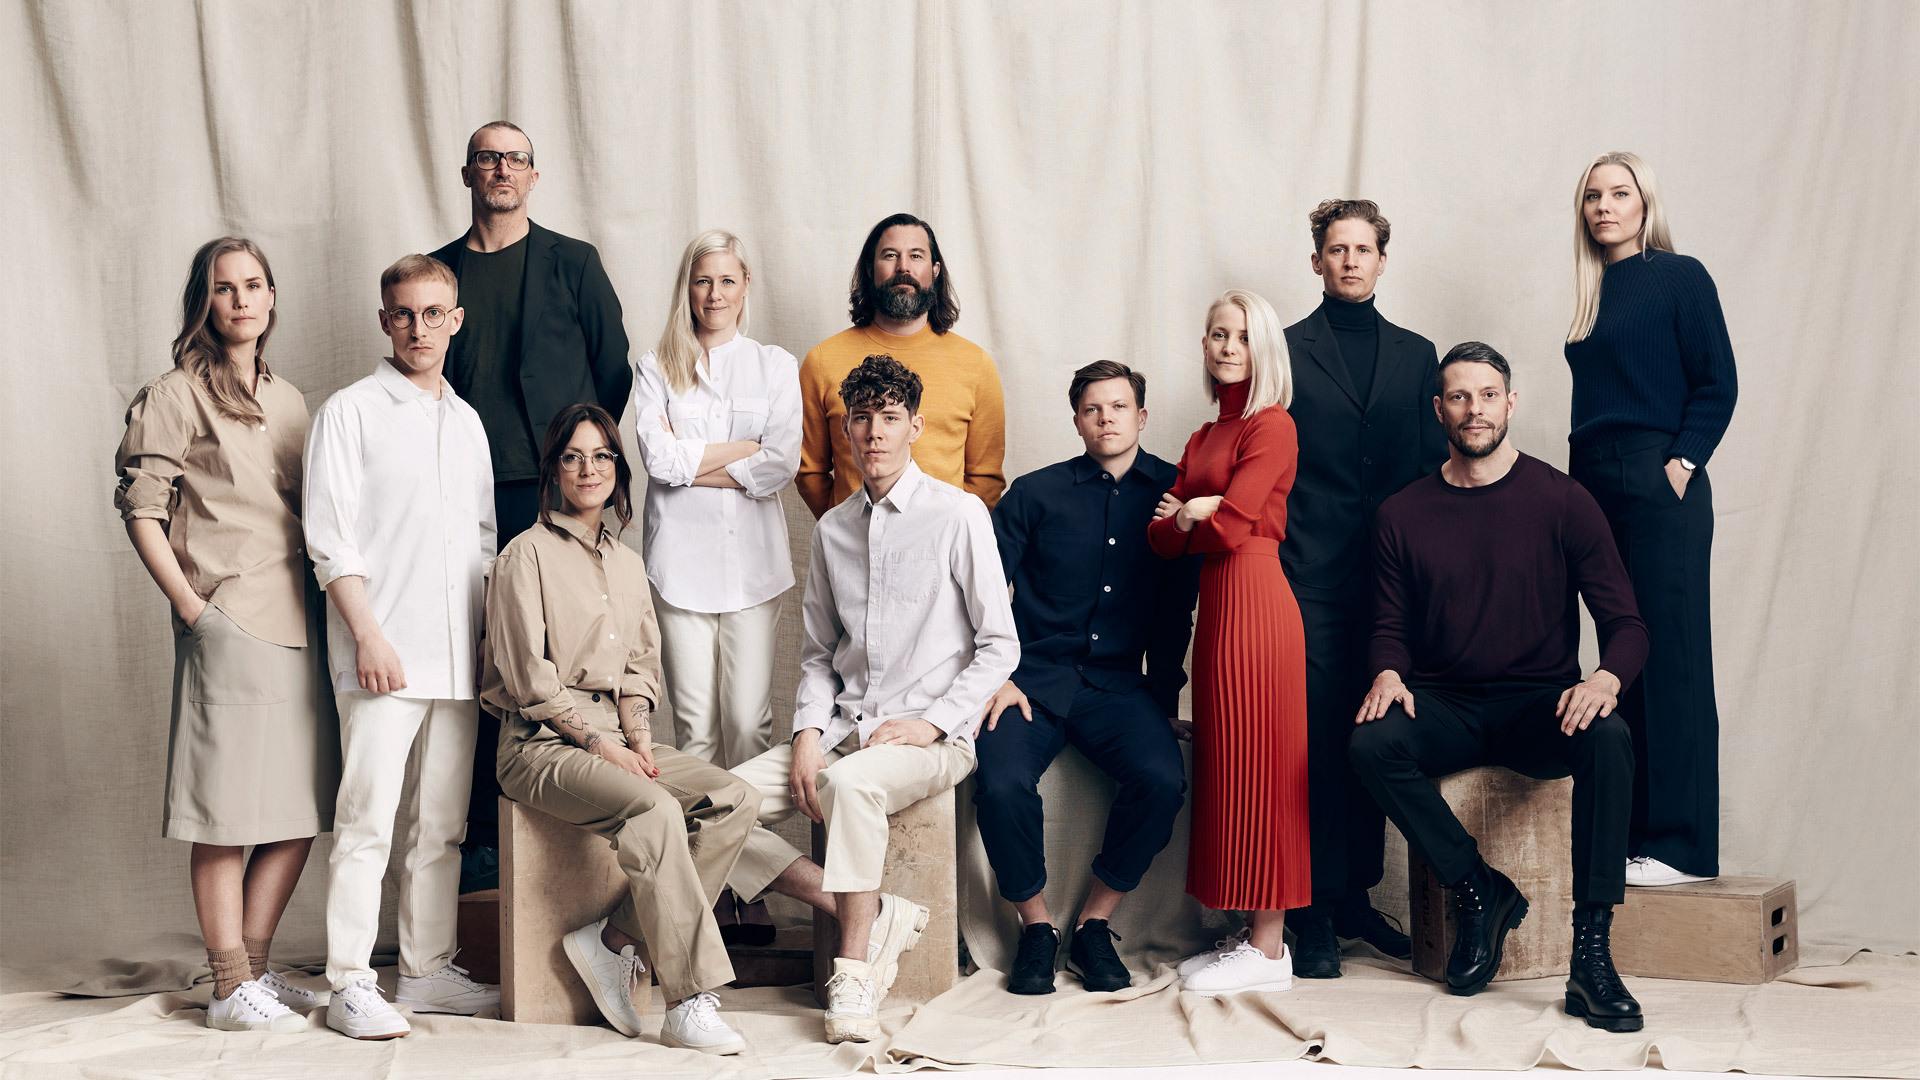 瑞典著名多学科设计团体<br/>以功能和美学标记生活